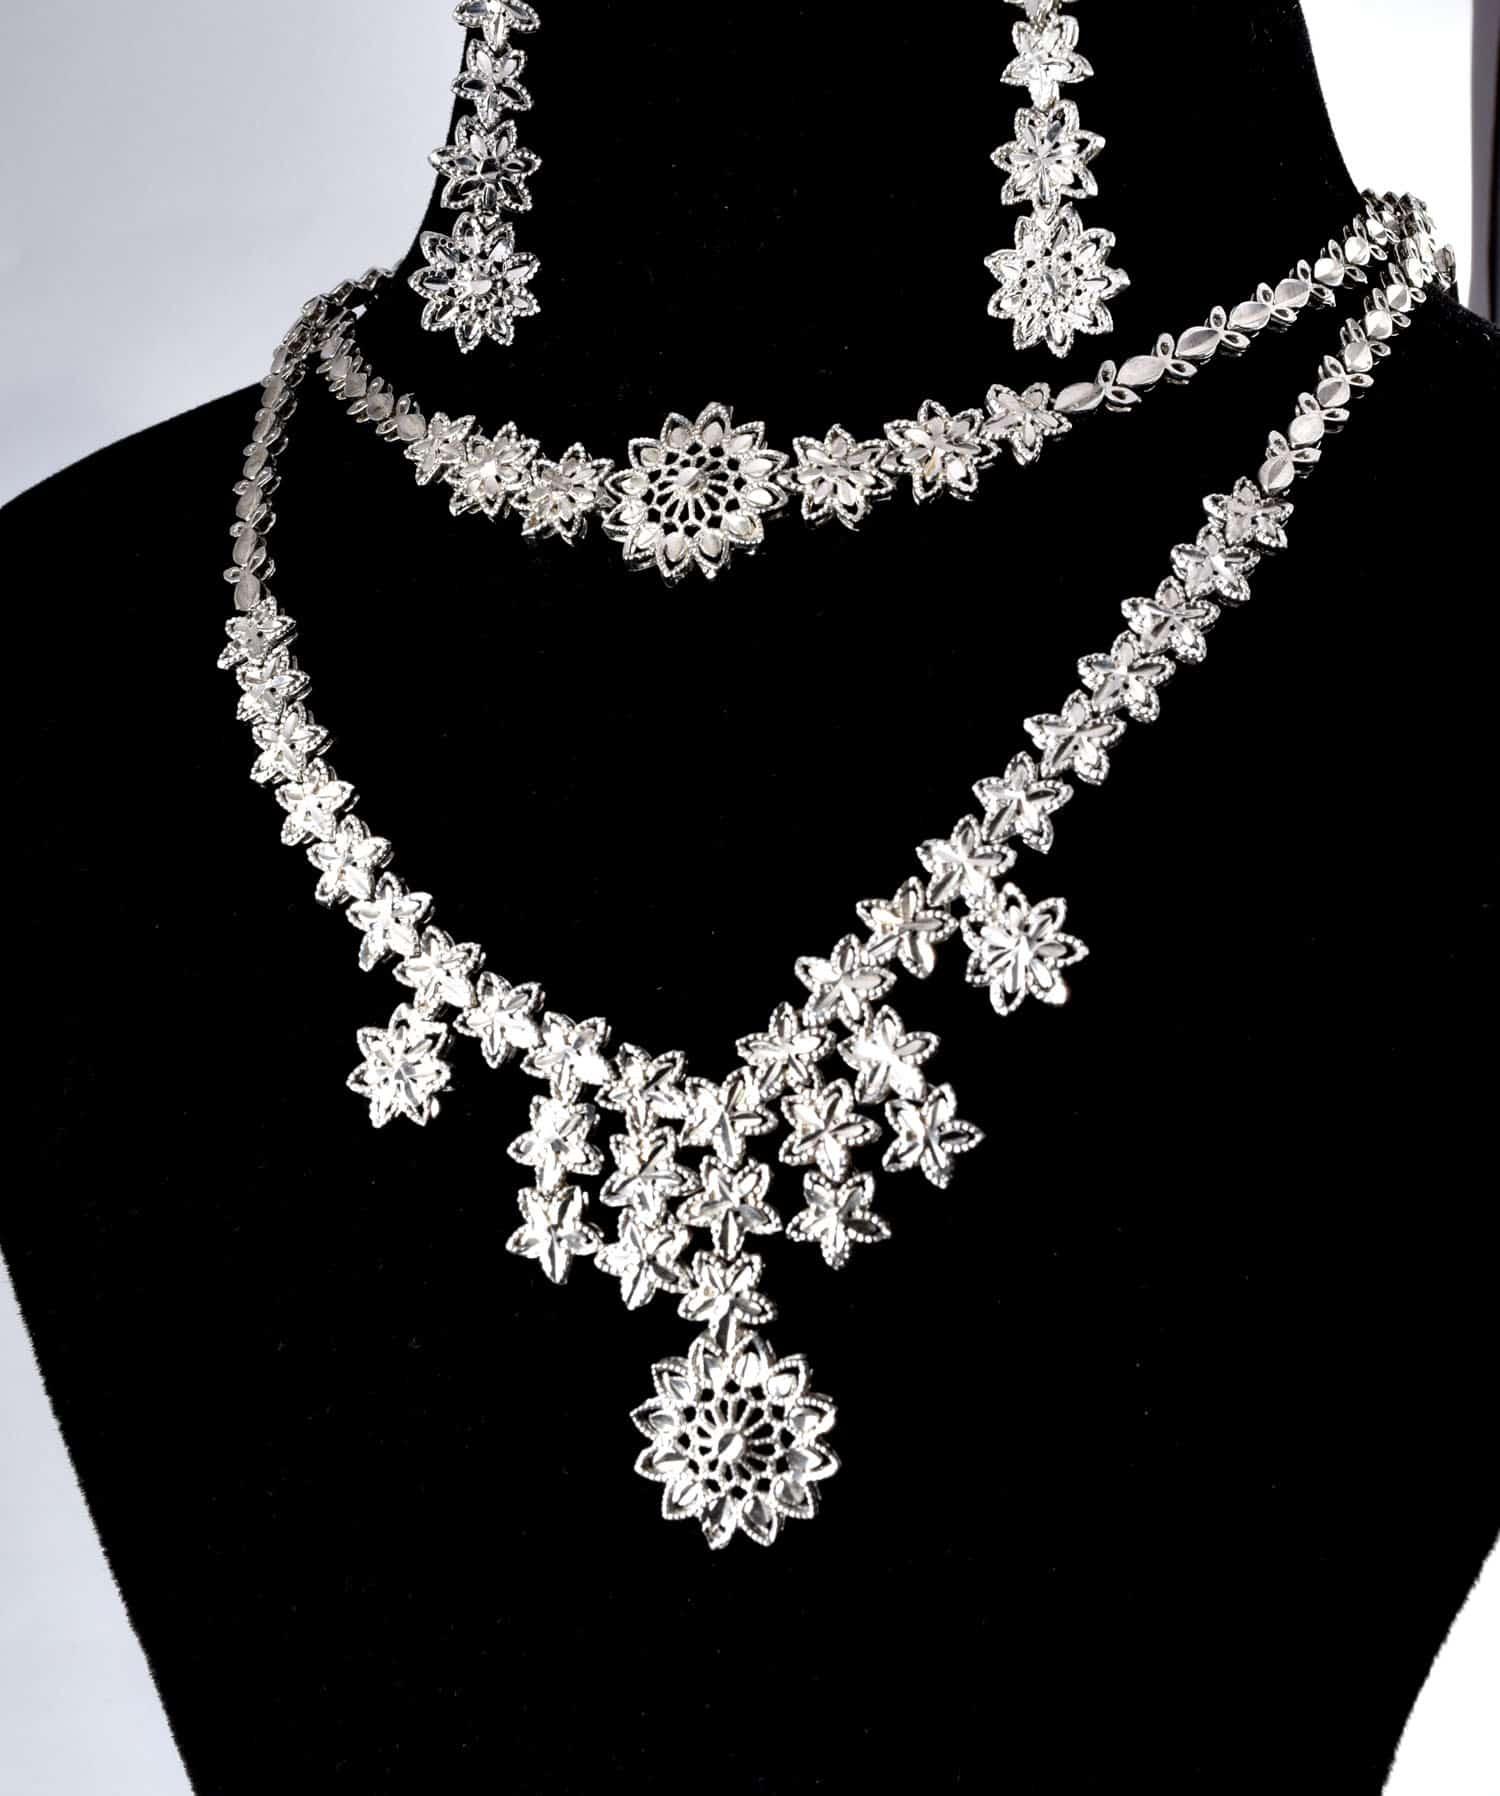 سرویس جواهری و تراش نقره با عیار 925 و وزن 30.910 گرمی از نمای نزدیک